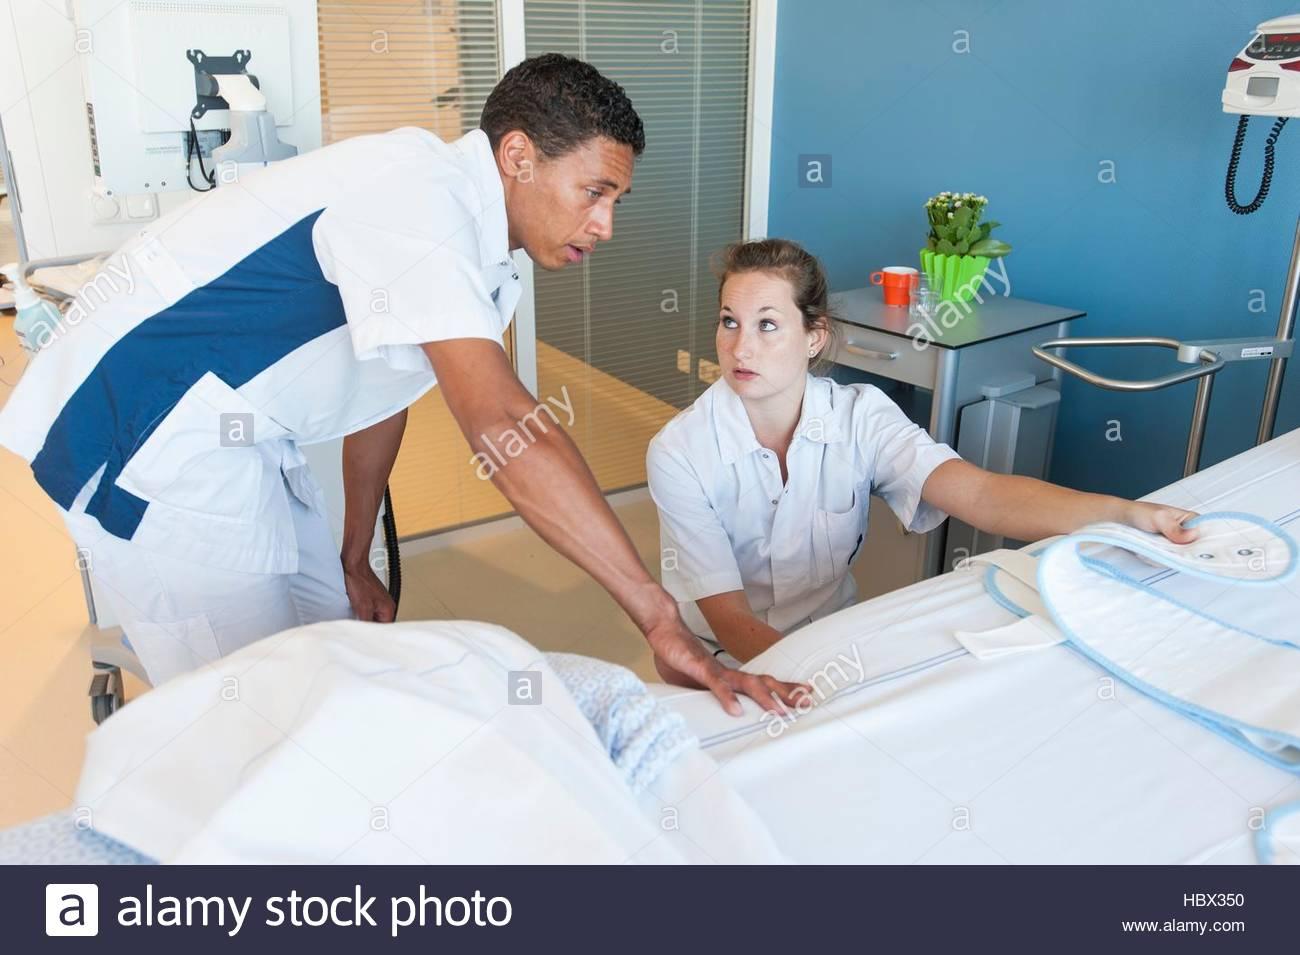 bed bondage hospital nurse ward